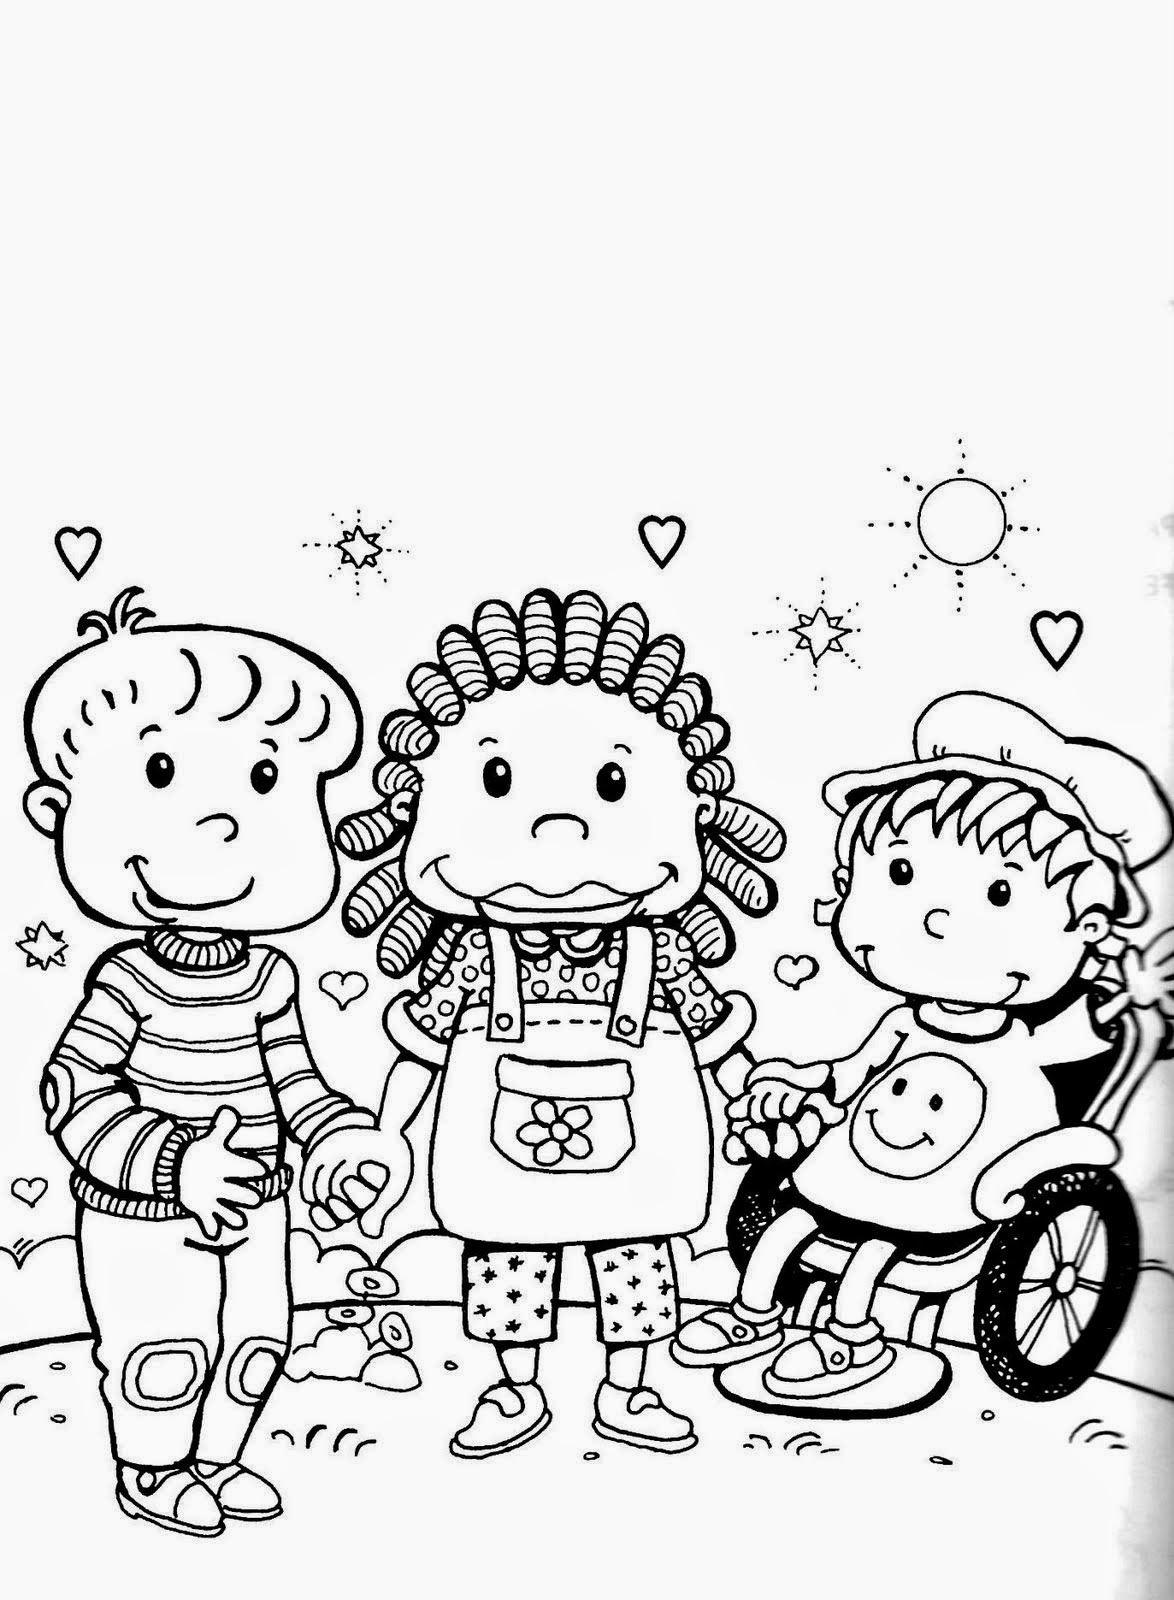 bauzinho da web baÚ da web desenhos de meninos e meninas